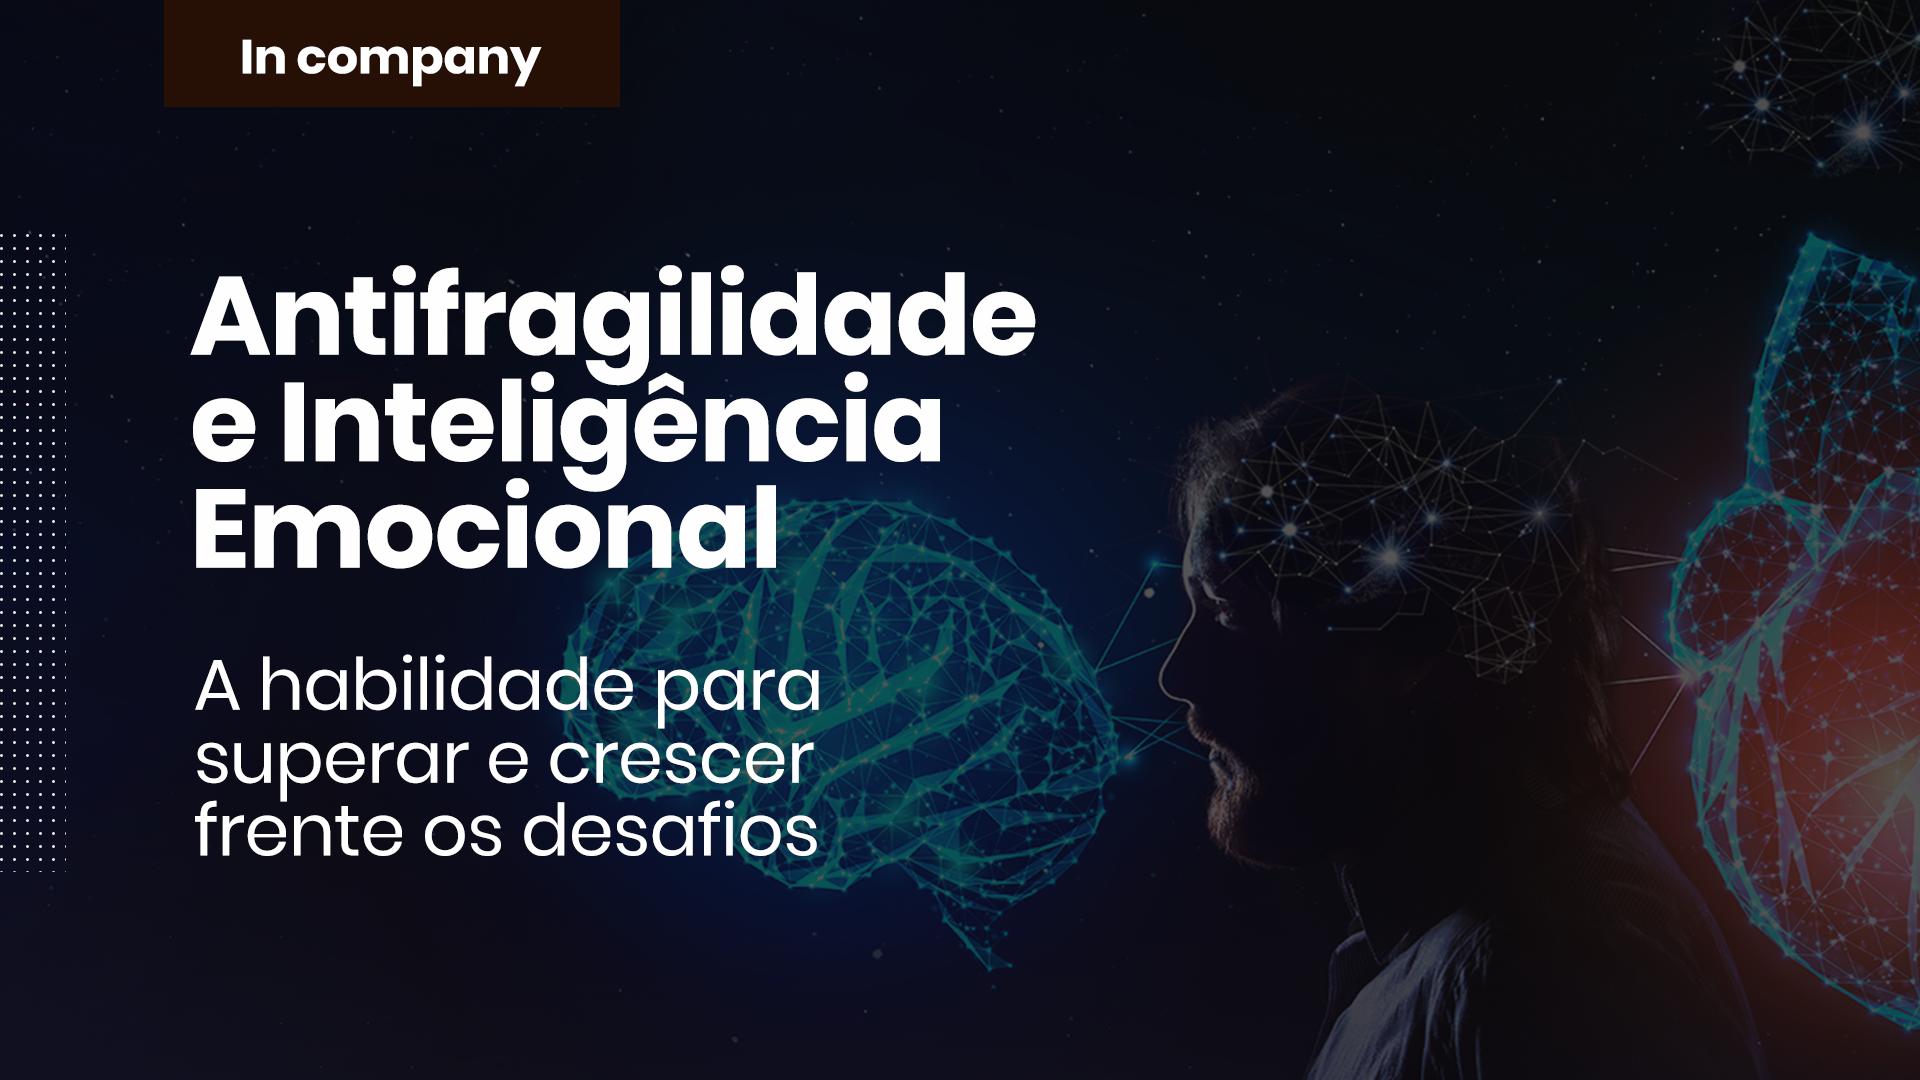 Treinamento Online Empresarial Antifragilidade e Inteligência Emocional